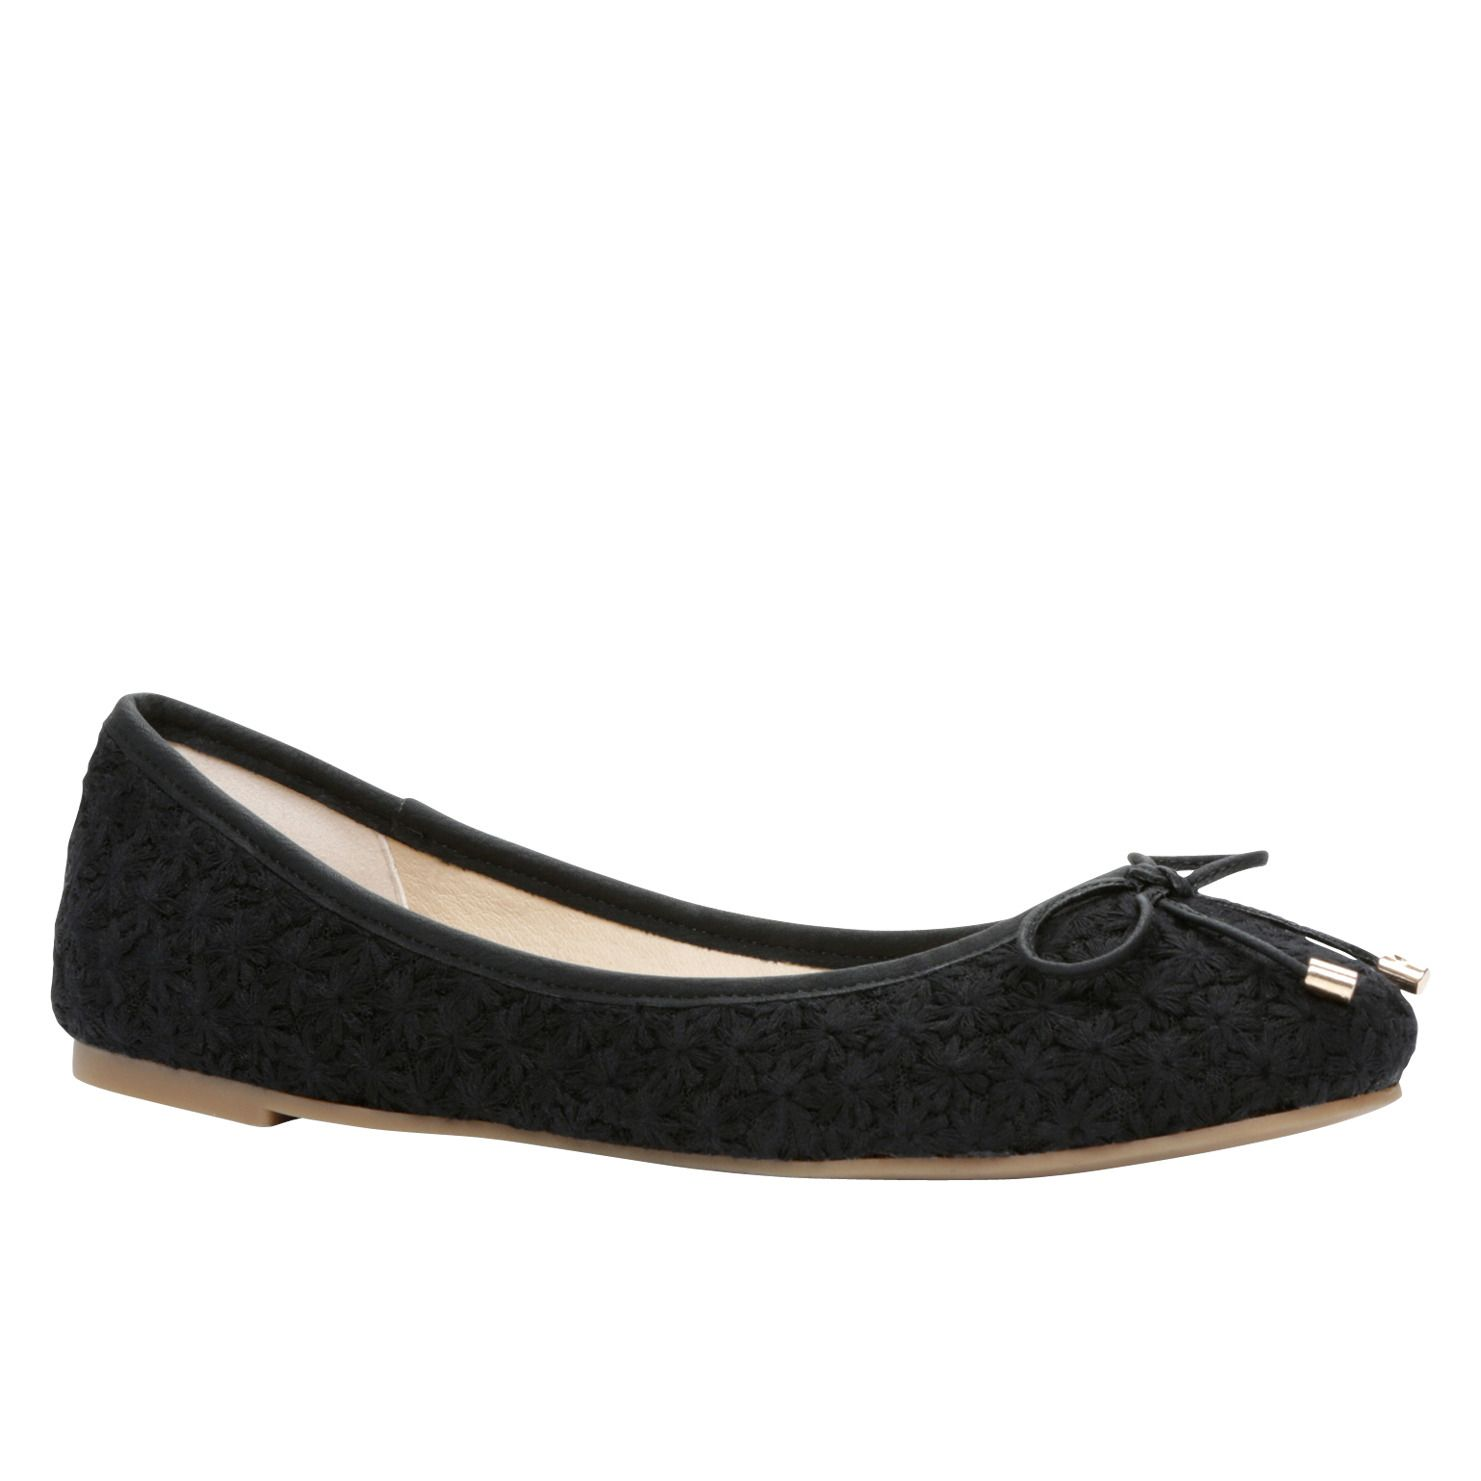 SYDENHAM - femmes's talon plat chaussures for sale at ALDO Shoes.